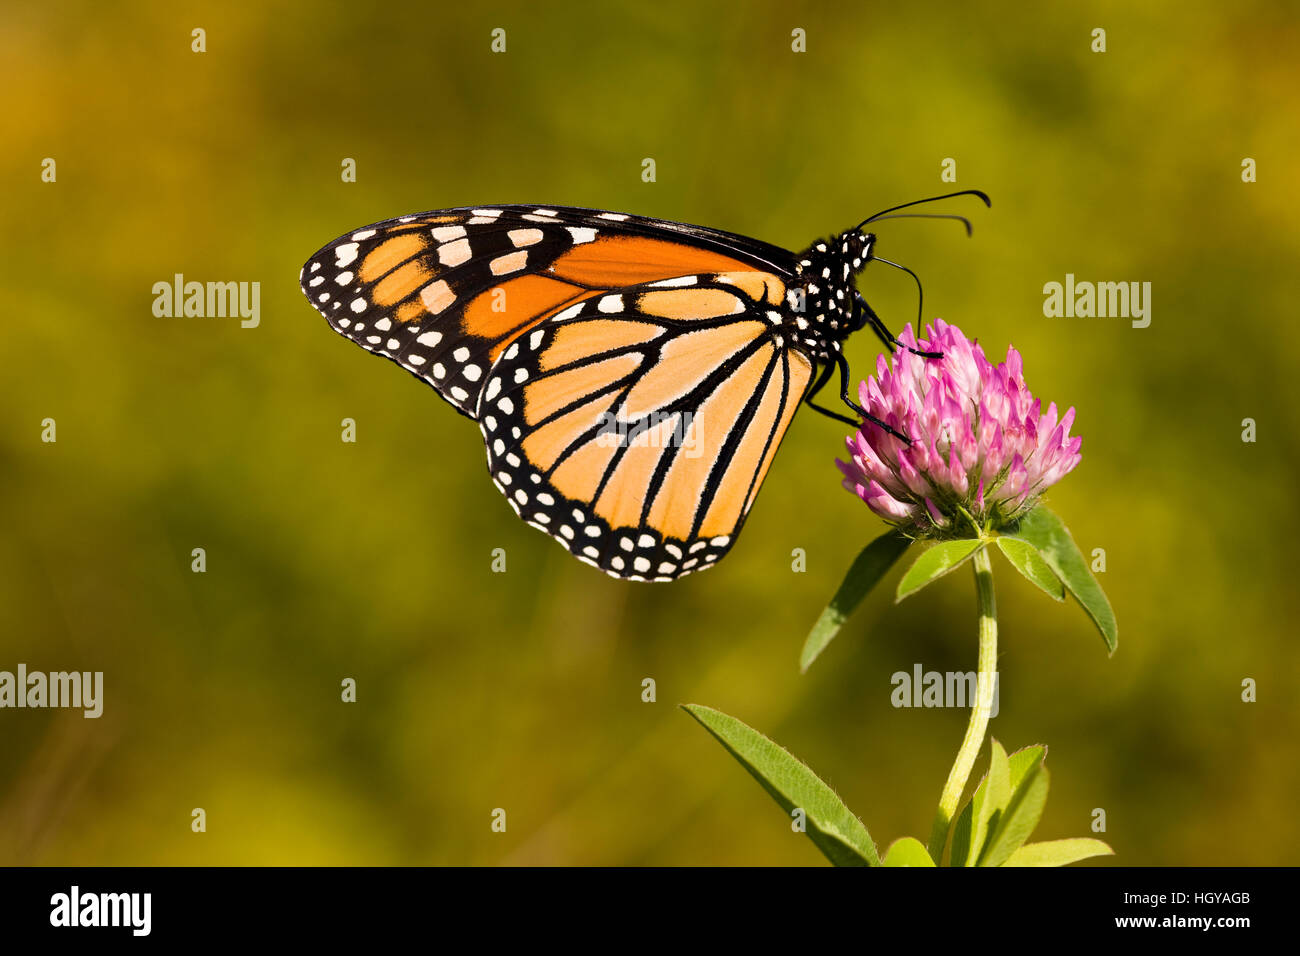 Una farfalla monarca, Danaus plexippus, sul chiodo di garofano in Grafton, Massachusetts. Immagini Stock